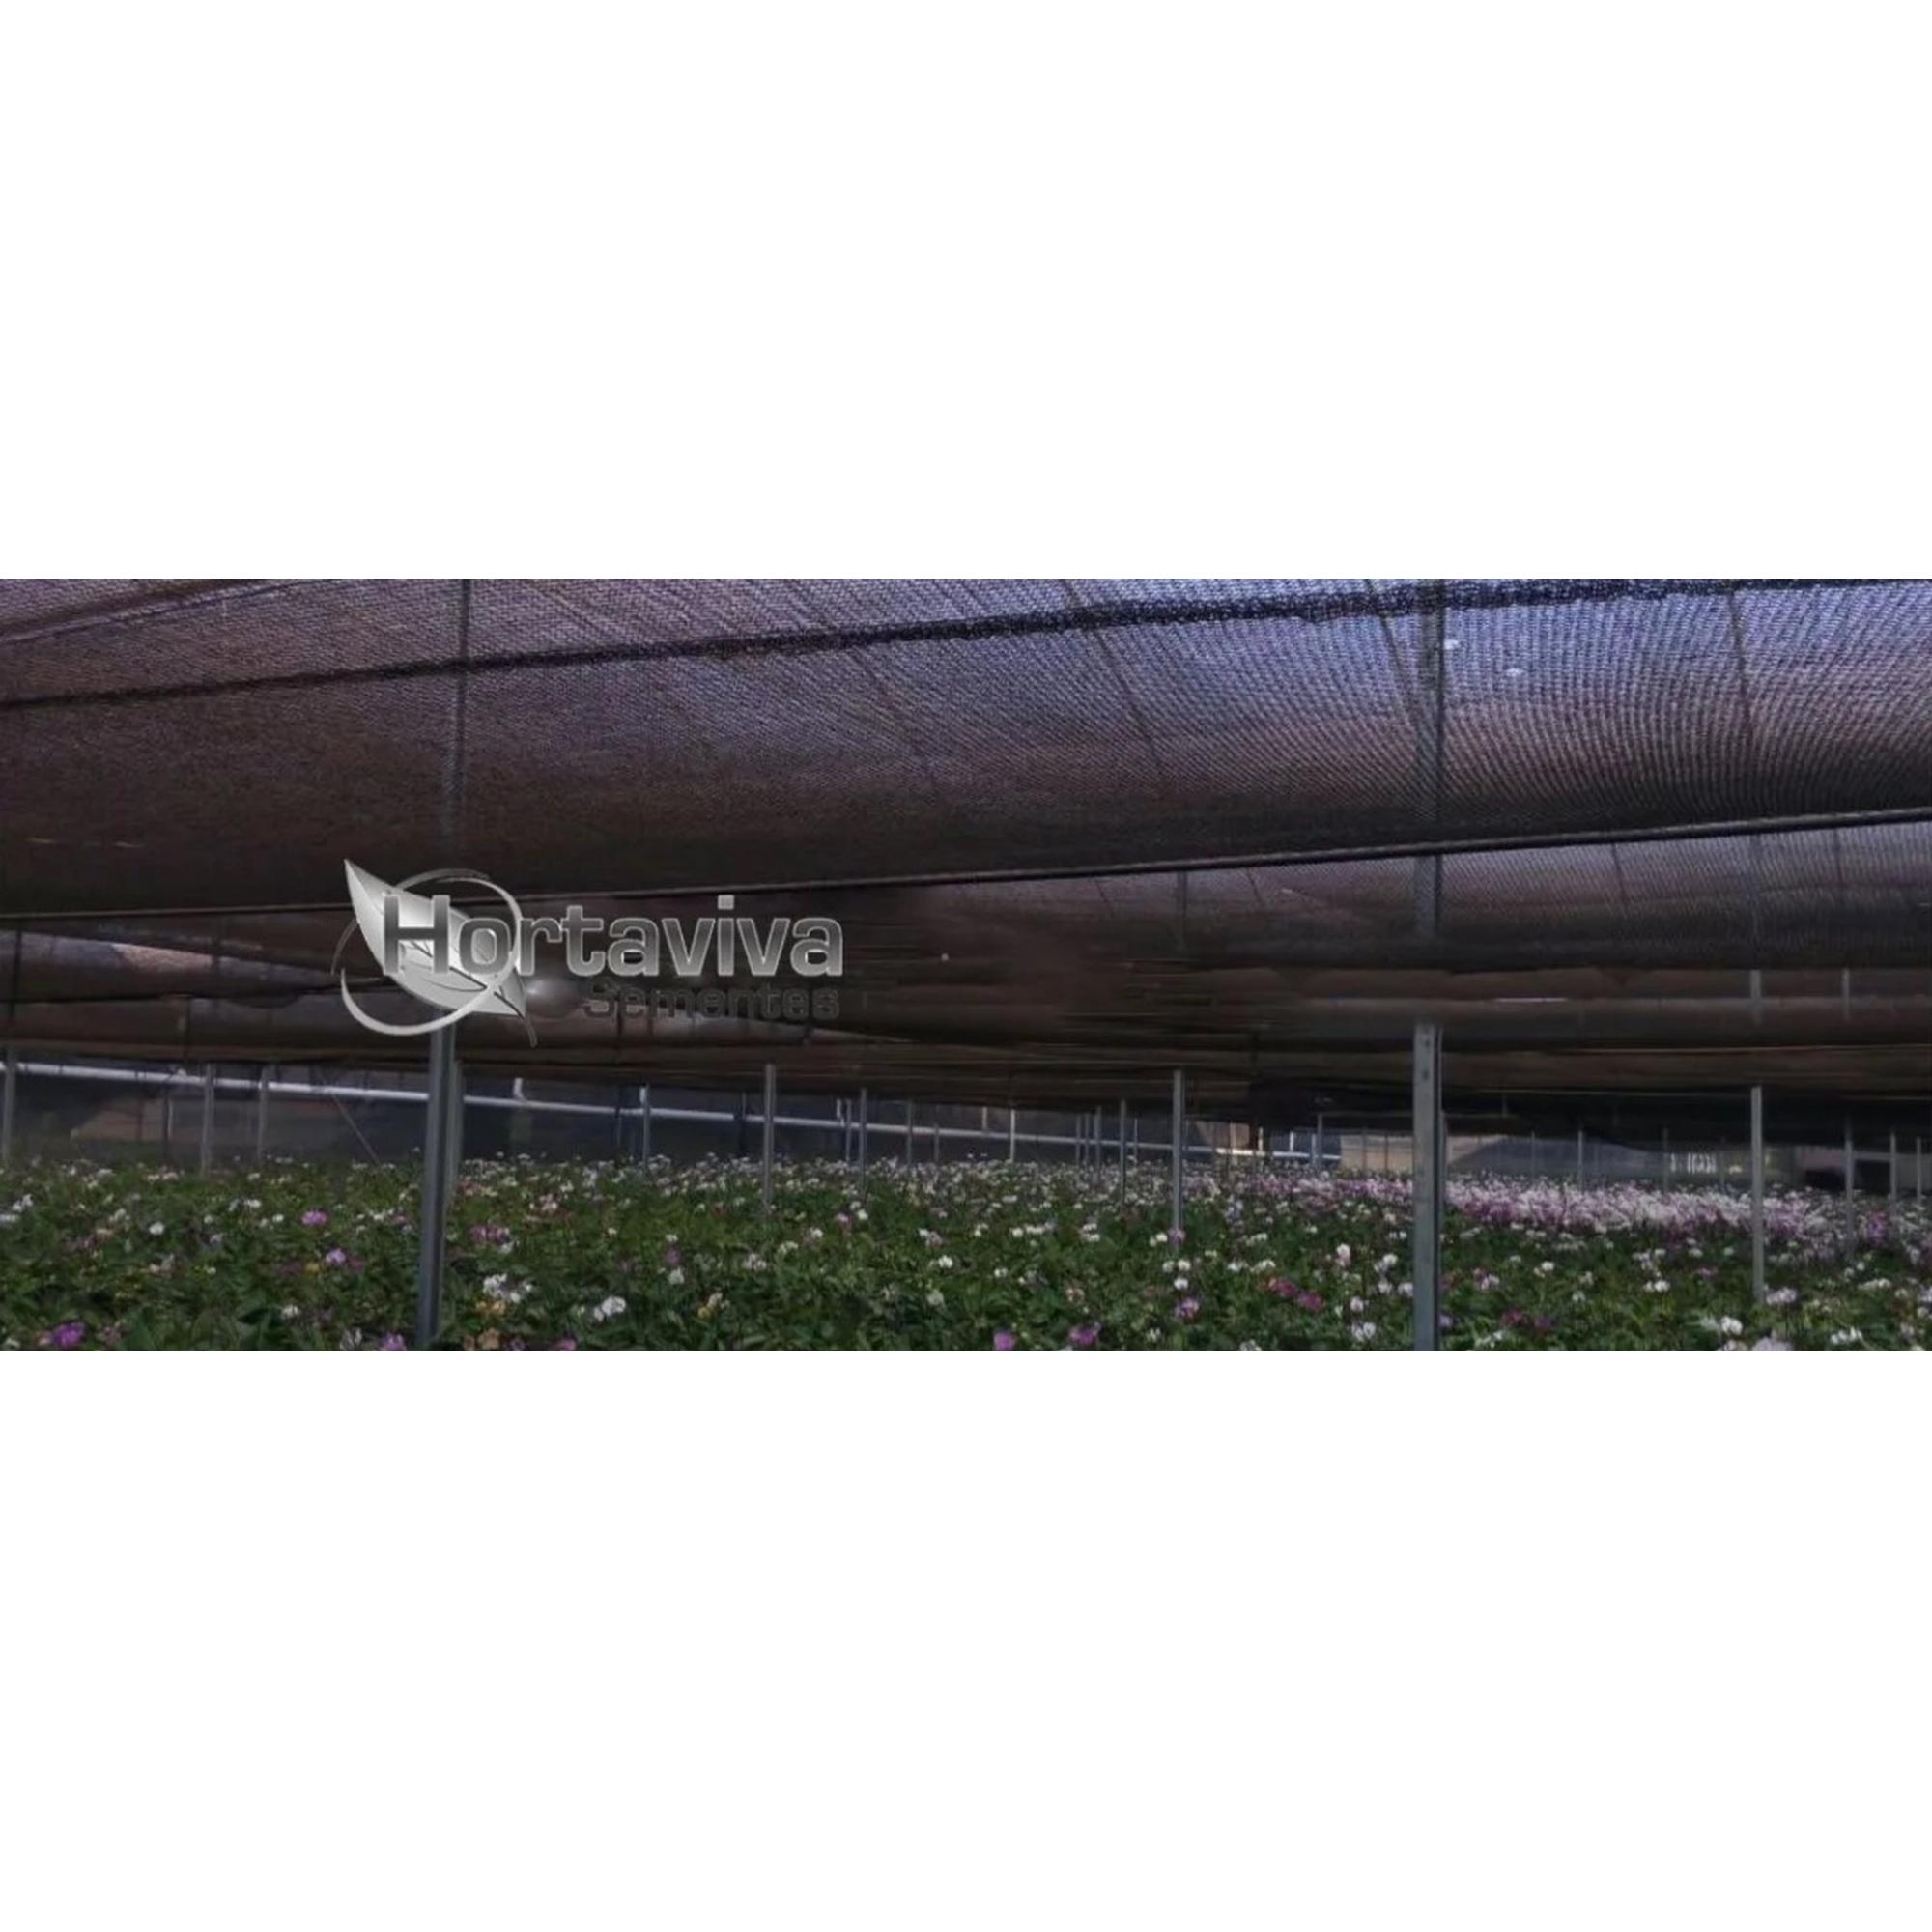 Tela de Sombreamento Preta 50% - 5 Metros x 40 Metros